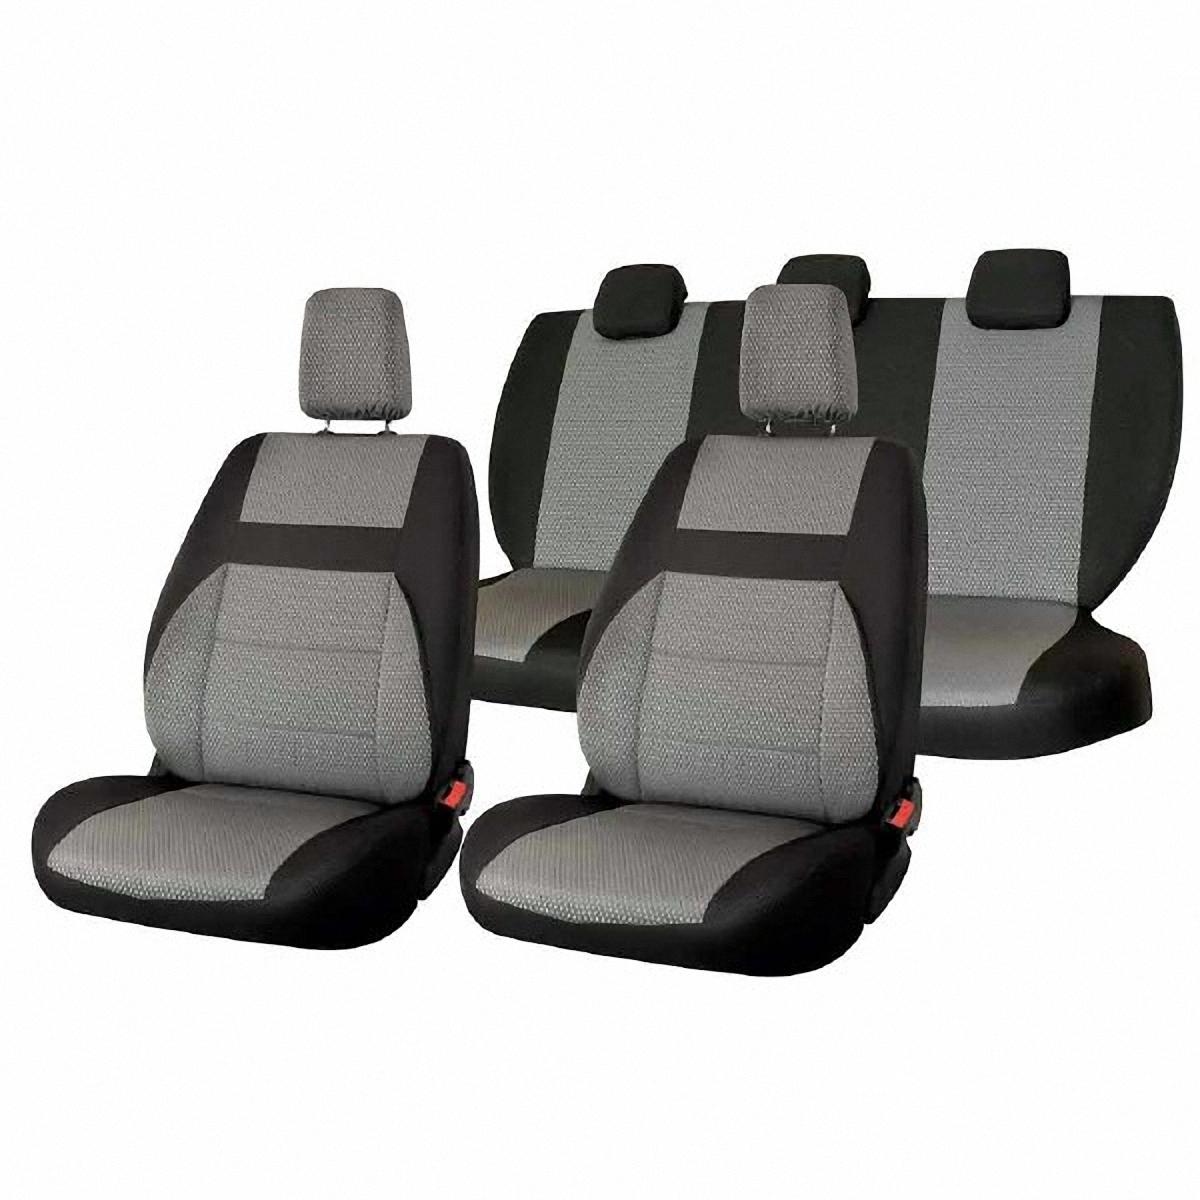 Чехлы автомобильные Skyway, для Lada Granta, цвет: светло-серыйV004-D1Автомобильные чехлы Skyway изготовлены из качественного жаккарда. Чехлы идеально повторяют штатную форму сидений и выглядят как оригинальная обивка сидений. Разработаны индивидуально для каждой модели автомобиля. Авточехлы Skyway просты в уходе - загрязнения легко удаляются влажной тканью. Чехлы имеют раздельную схему надевания. Заднее сиденье - сплошное. В комплекте 11 предметов.